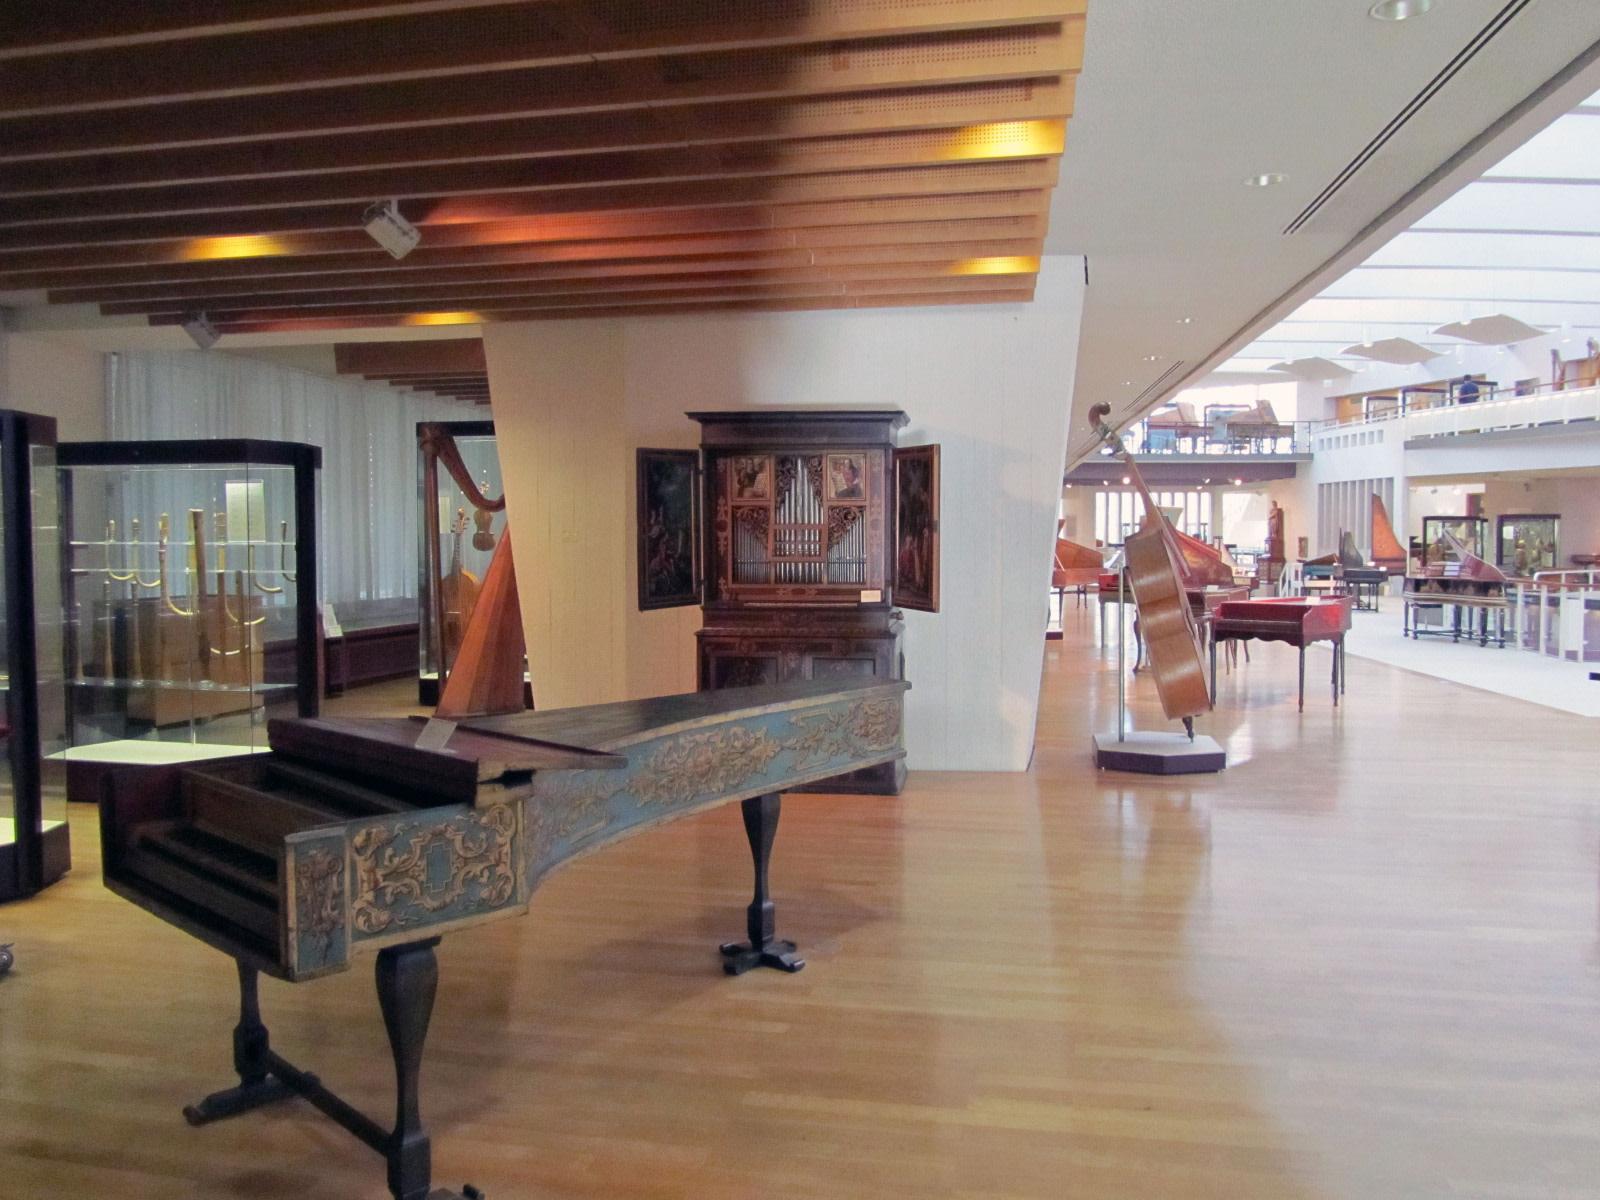 Museo degli strumenti musicali, Berlino